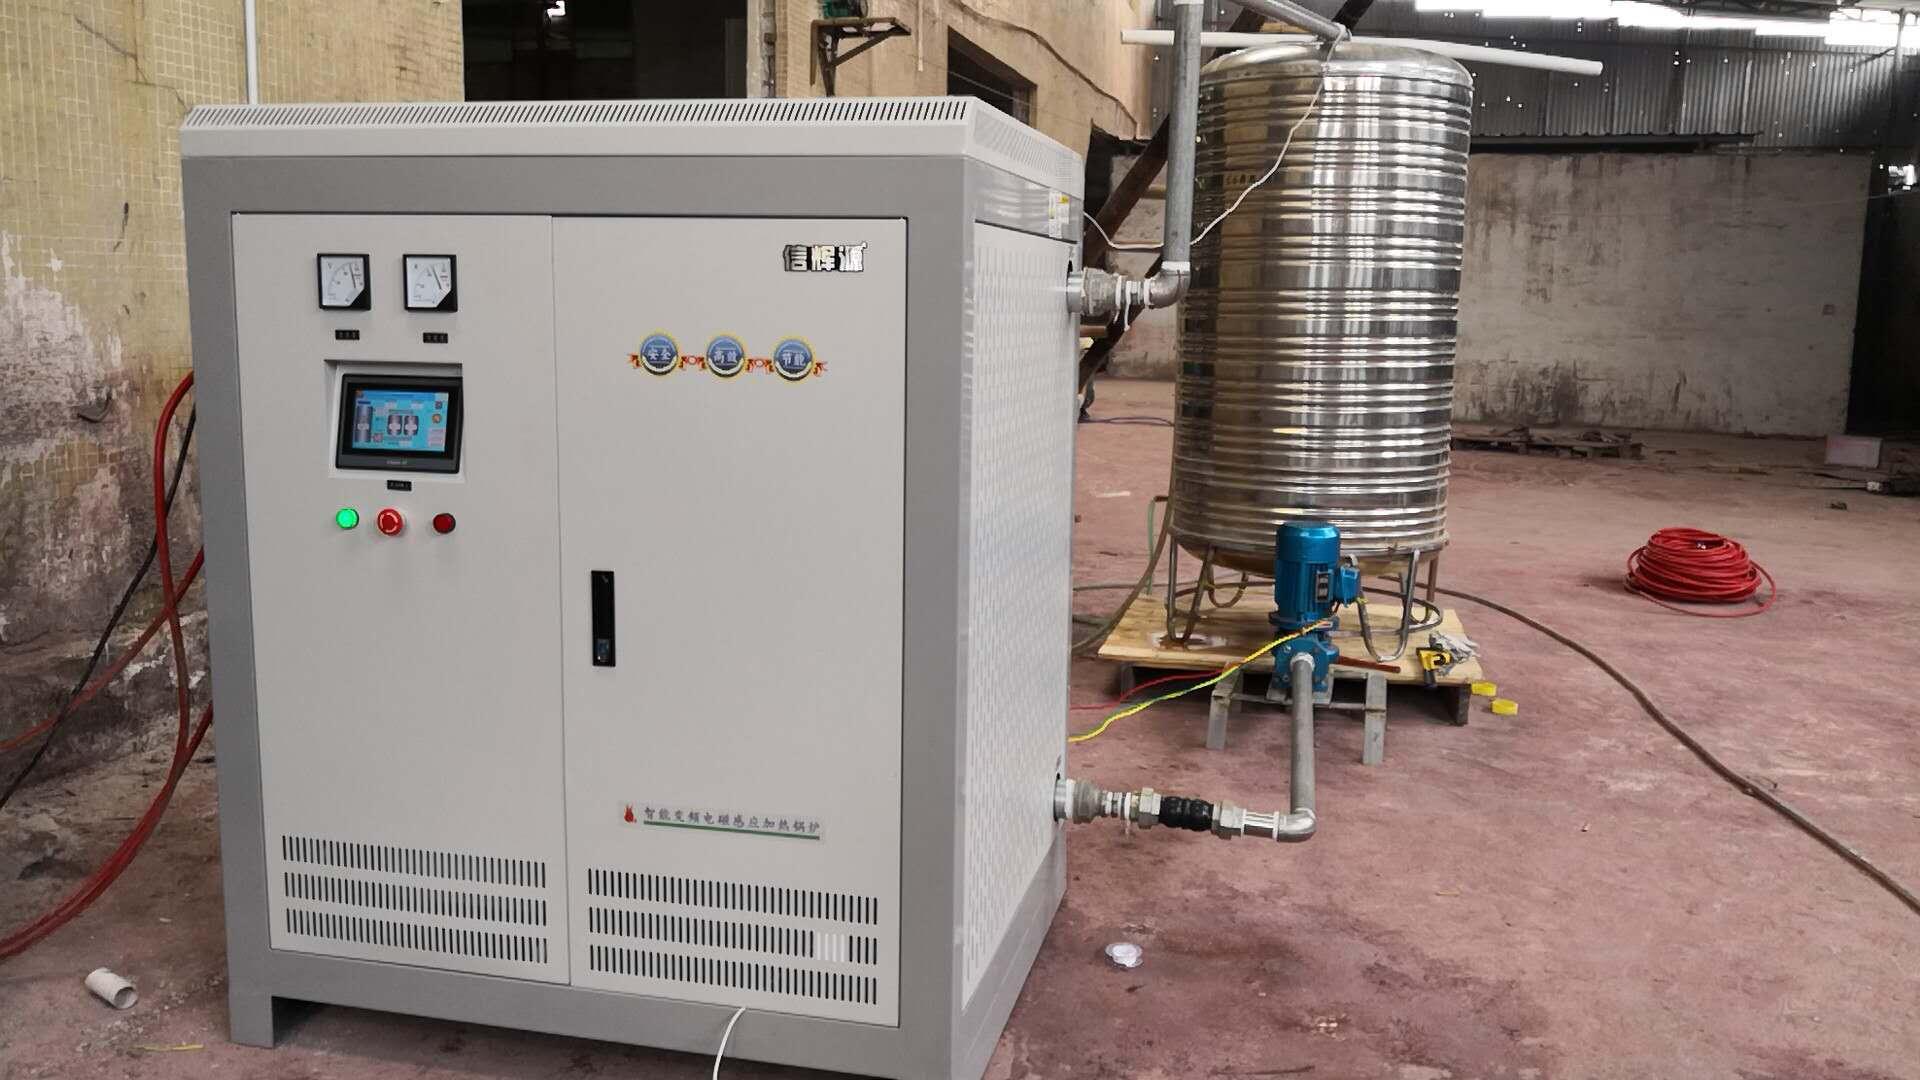 bian频电磁采暖炉只能用于供暖吗?